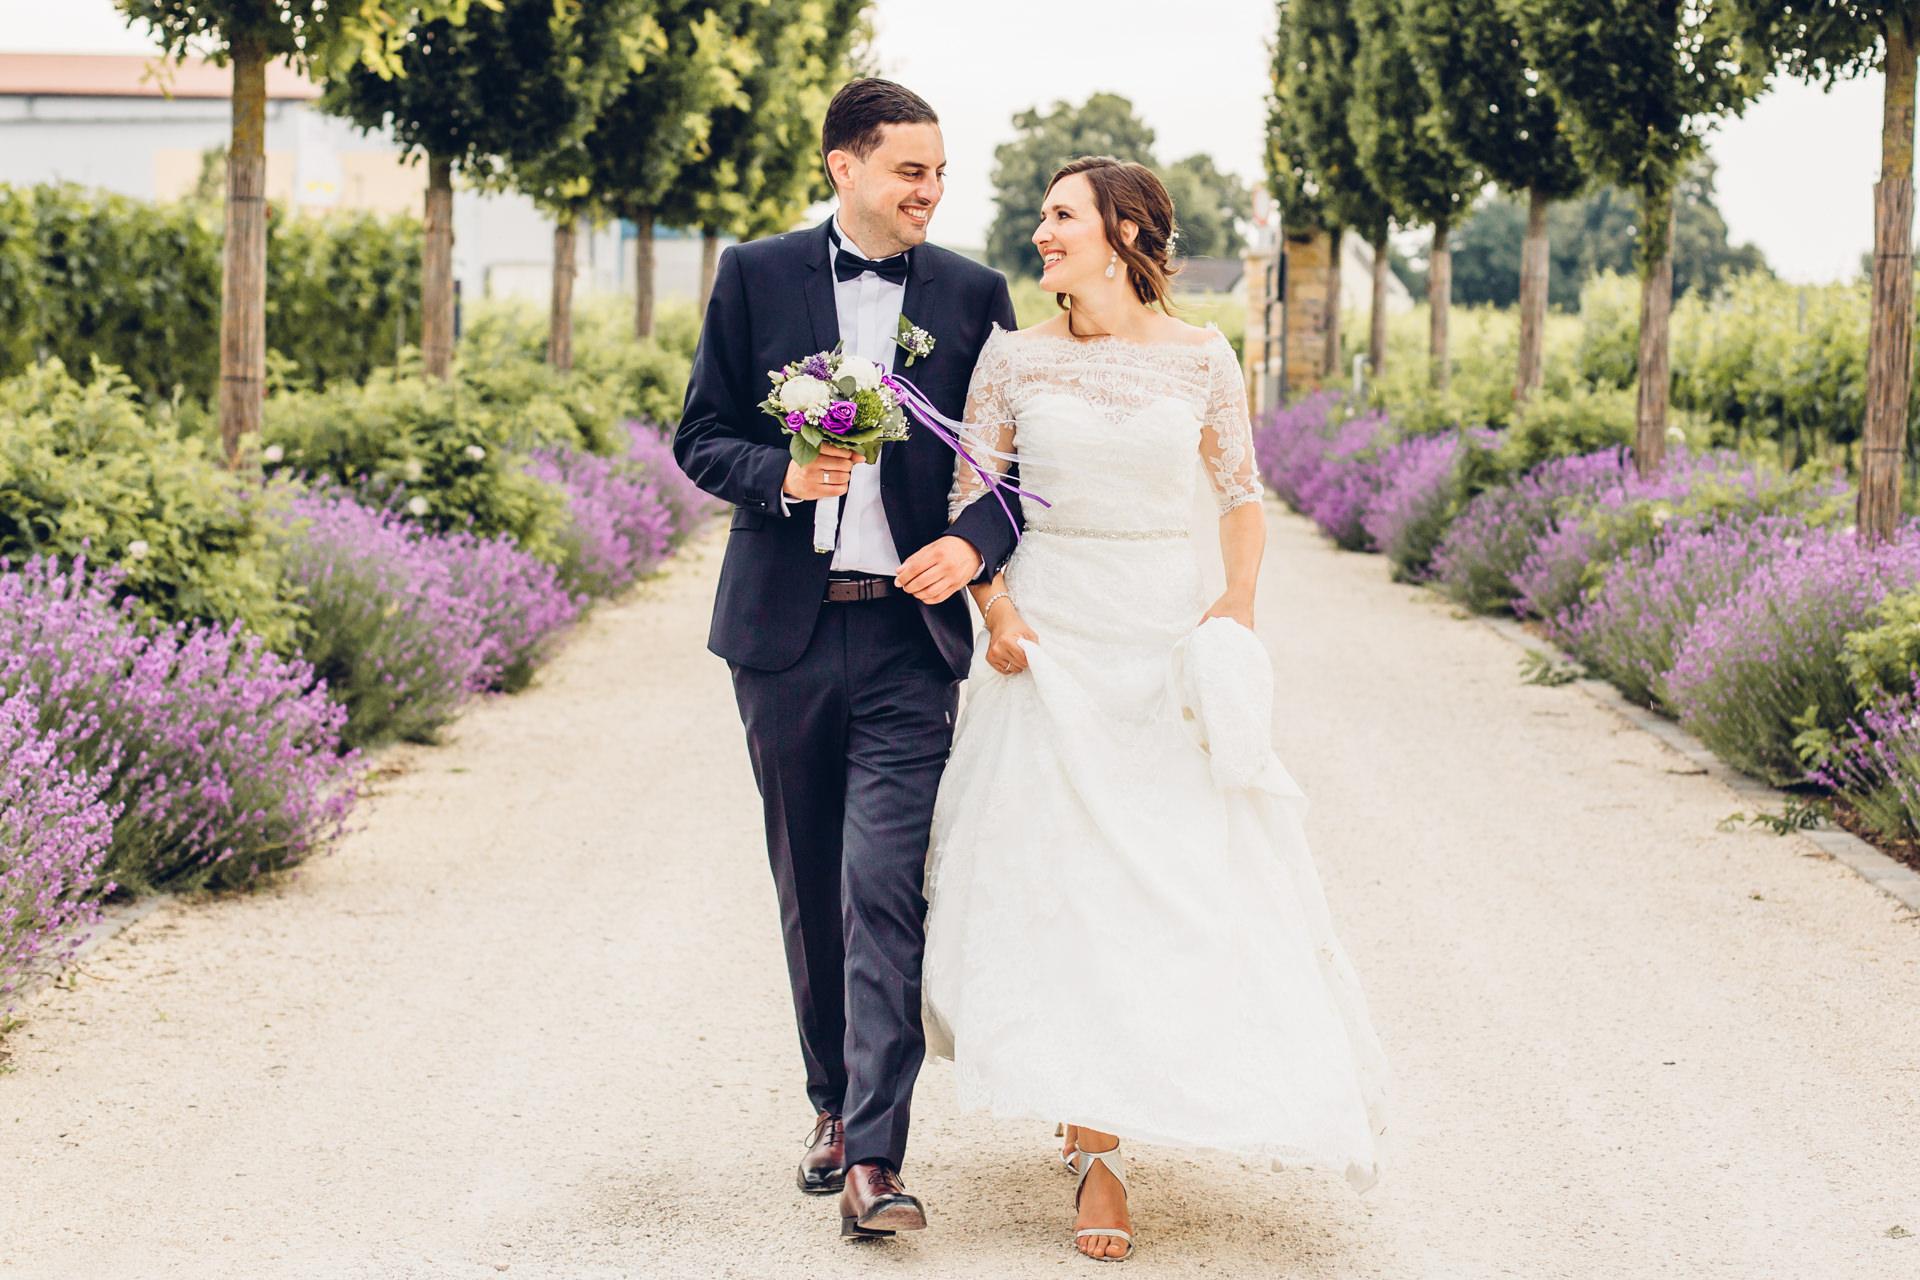 Hochzeit im Weingut am Nil in Kallstadt, Rheinland Pfalz